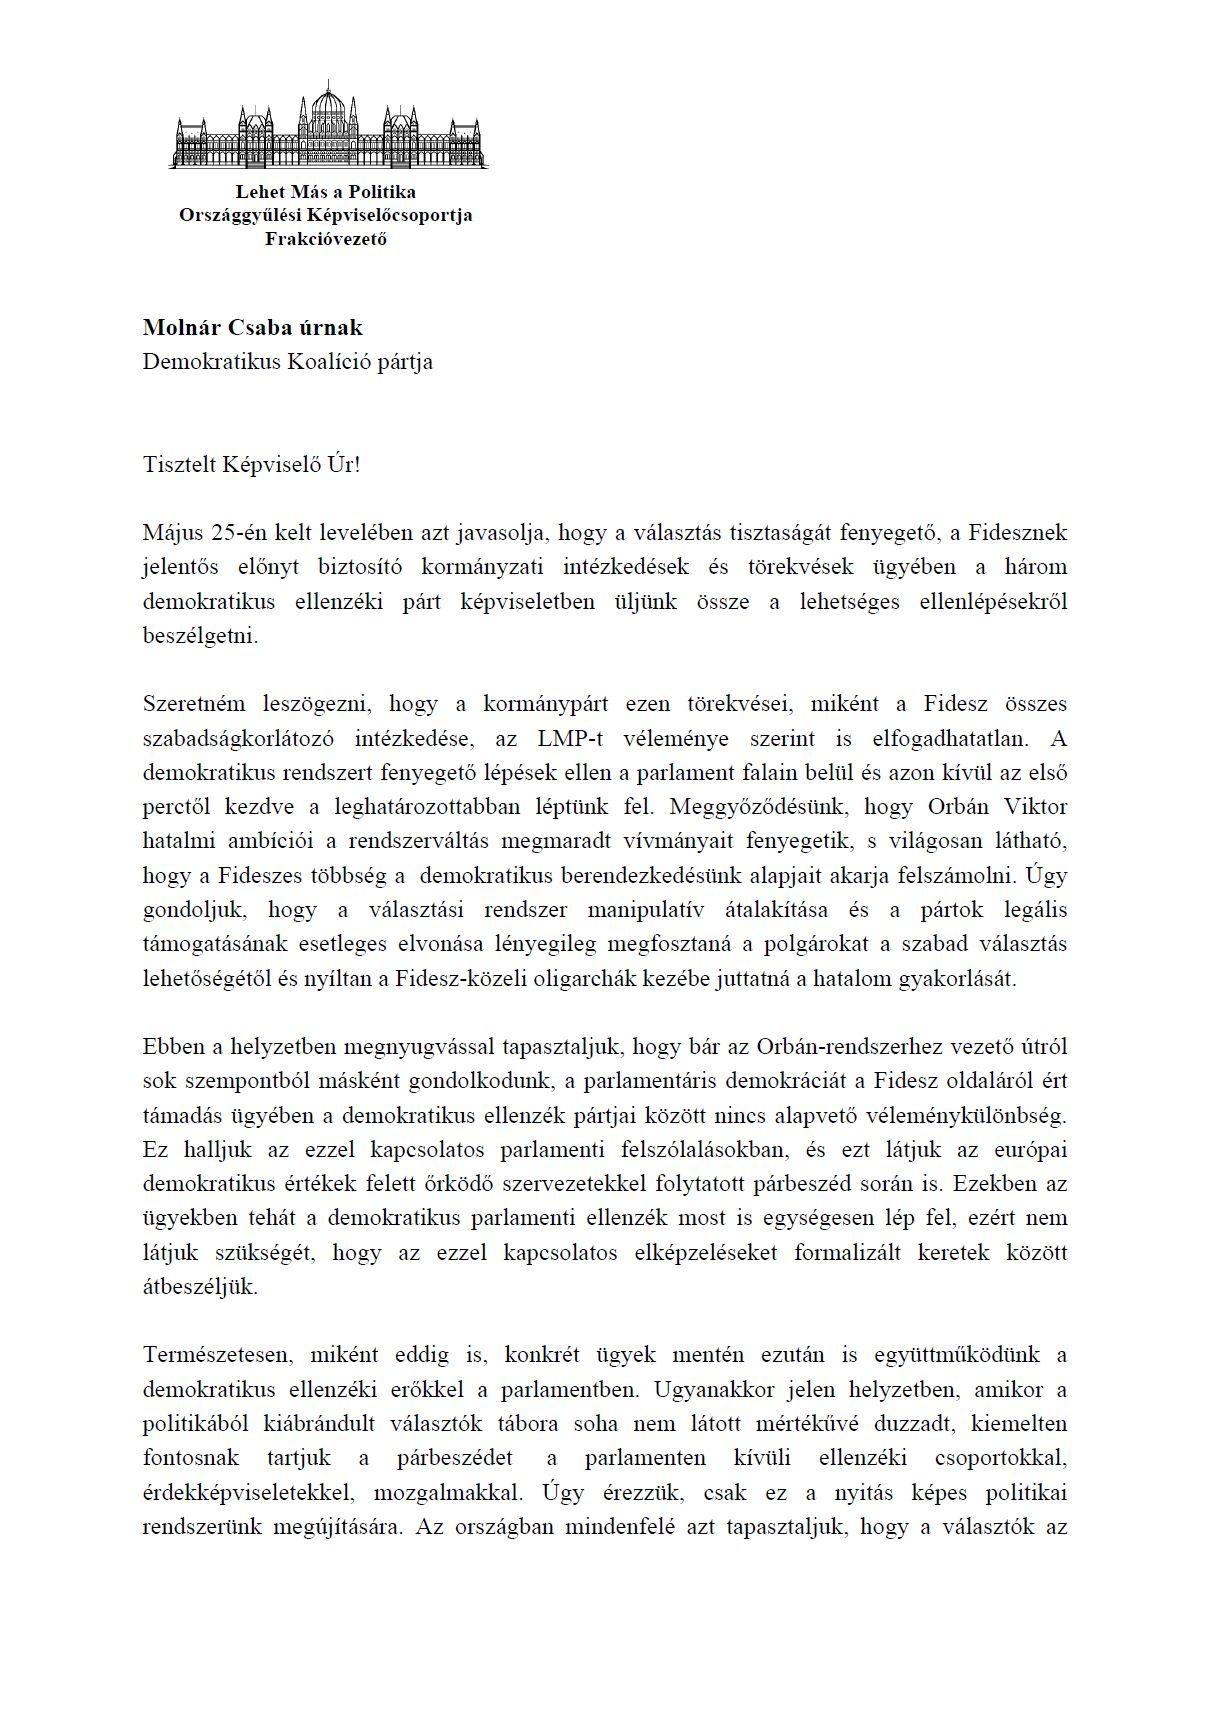 Molnár1_20120601.jpg